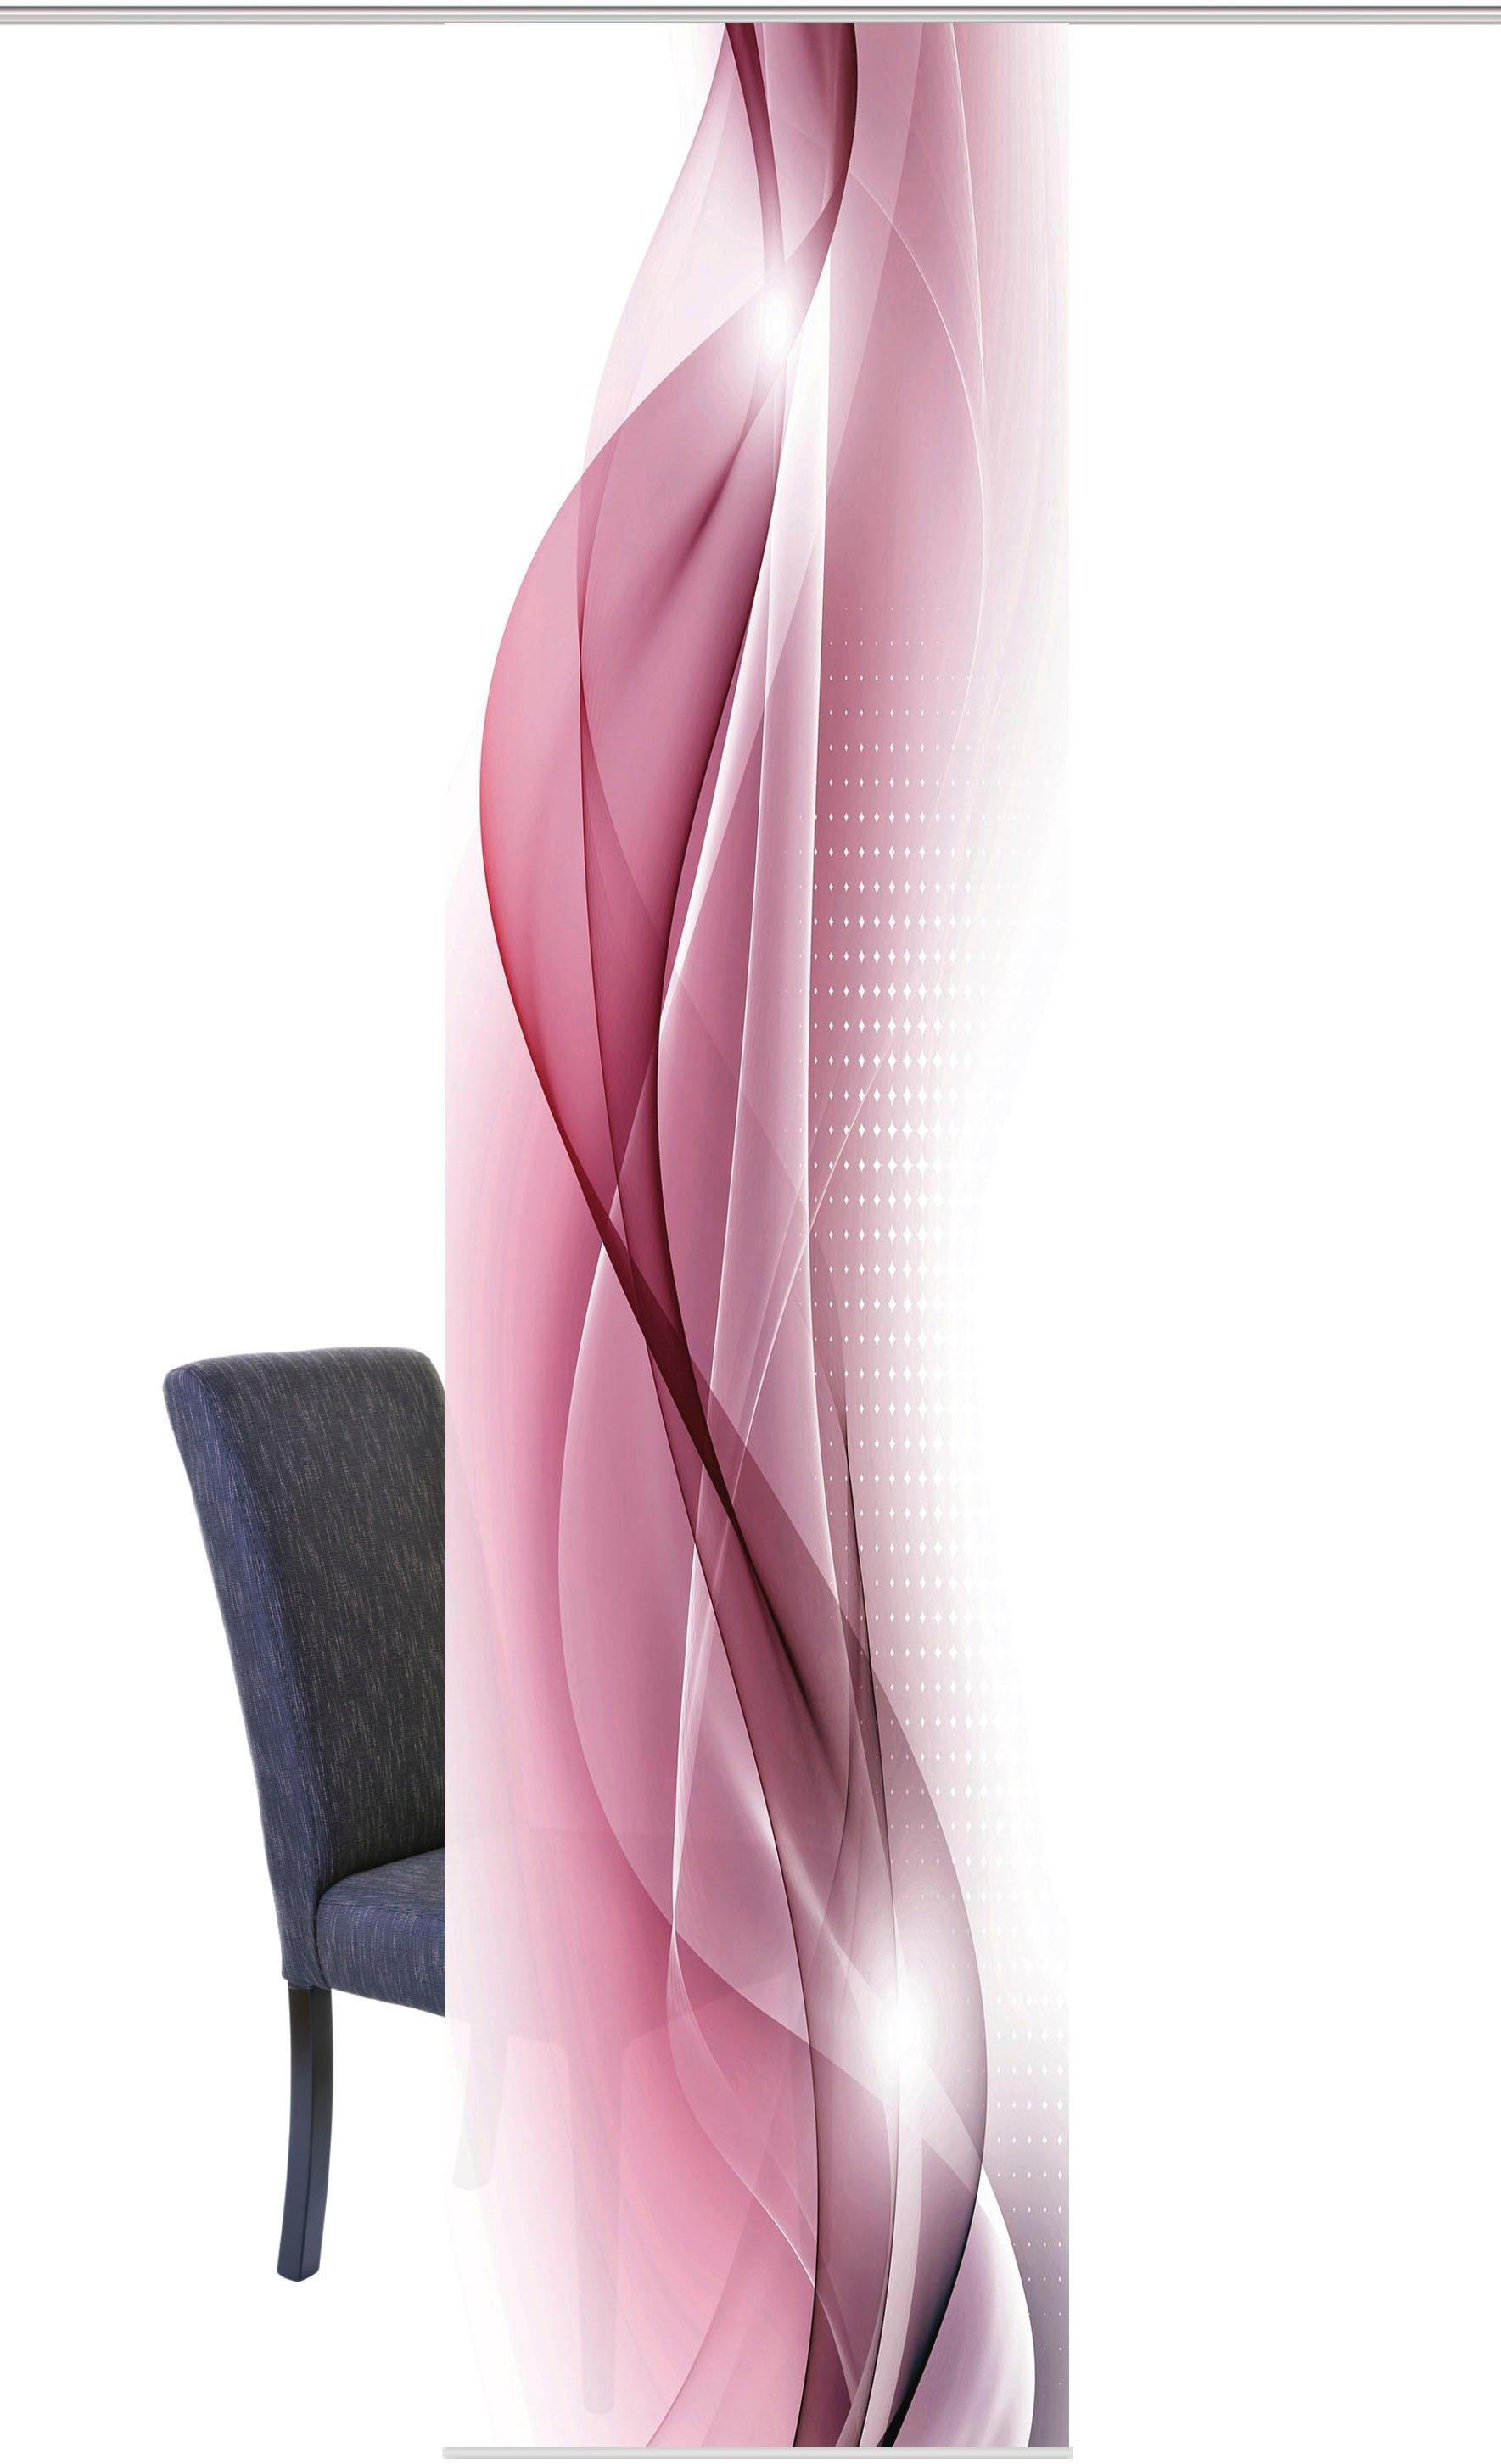 HOME WOHNIDEEN Paneelgordijn NEBLANA HxB: 245x60, digitale print van decostof (1 stuk) bij OTTO online kopen